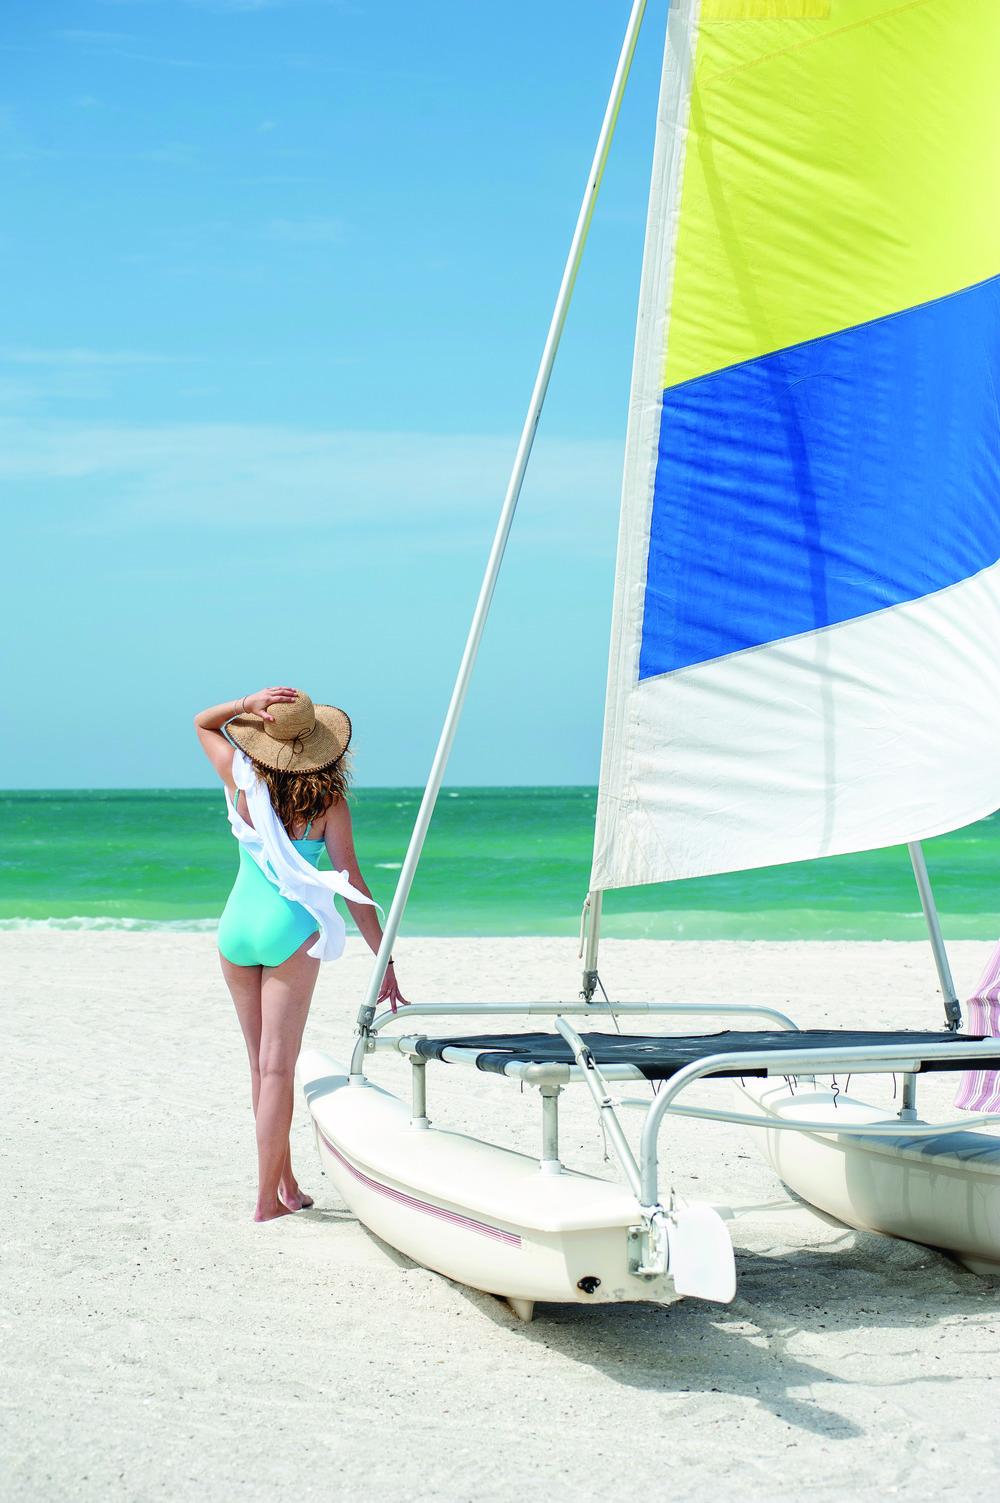 Beach_boat_17045_standard.jpg